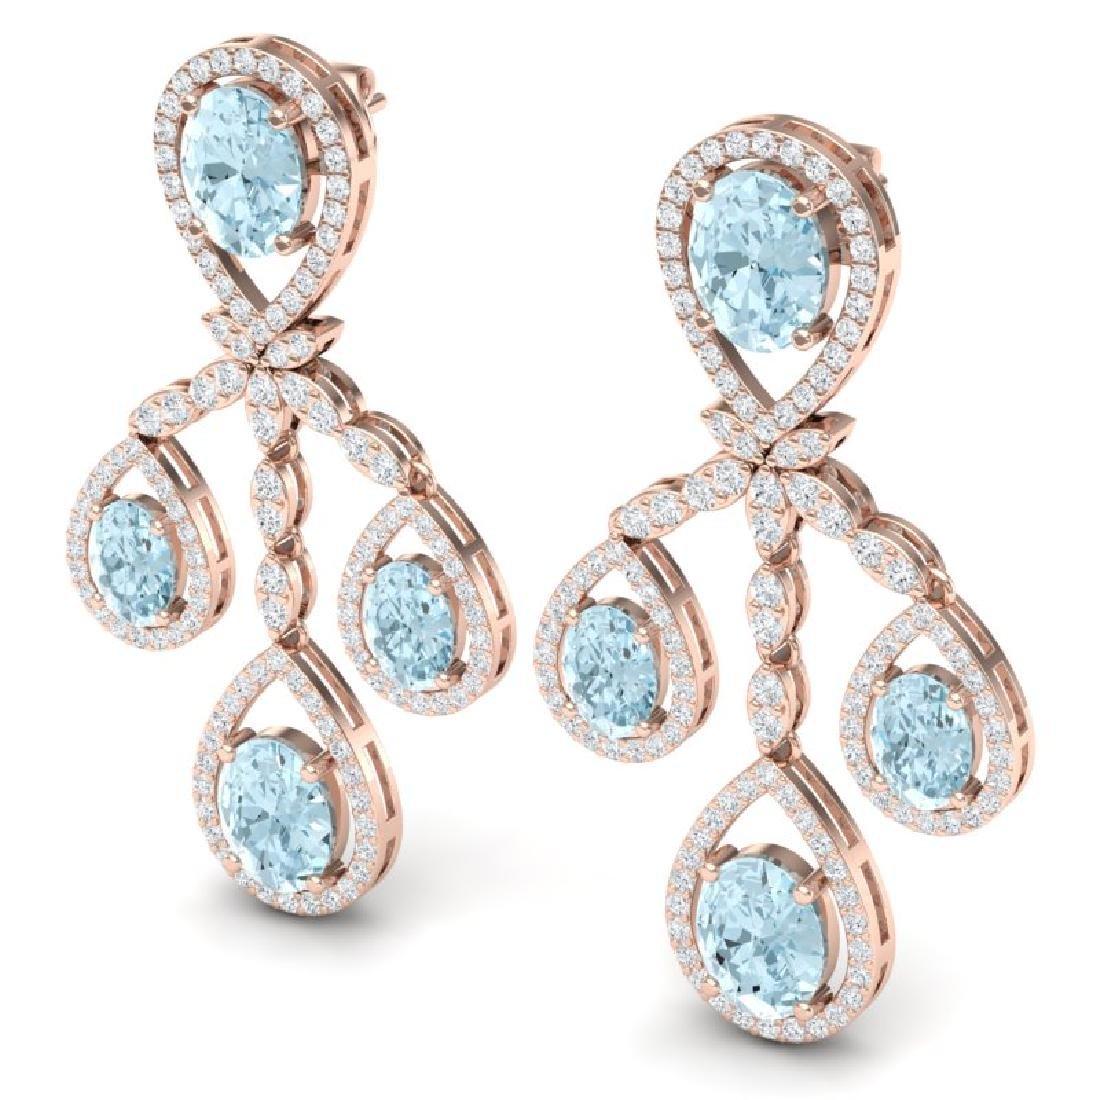 25.94 CTW Royalty Sky Topaz & VS Diamond Earrings 18K - 2